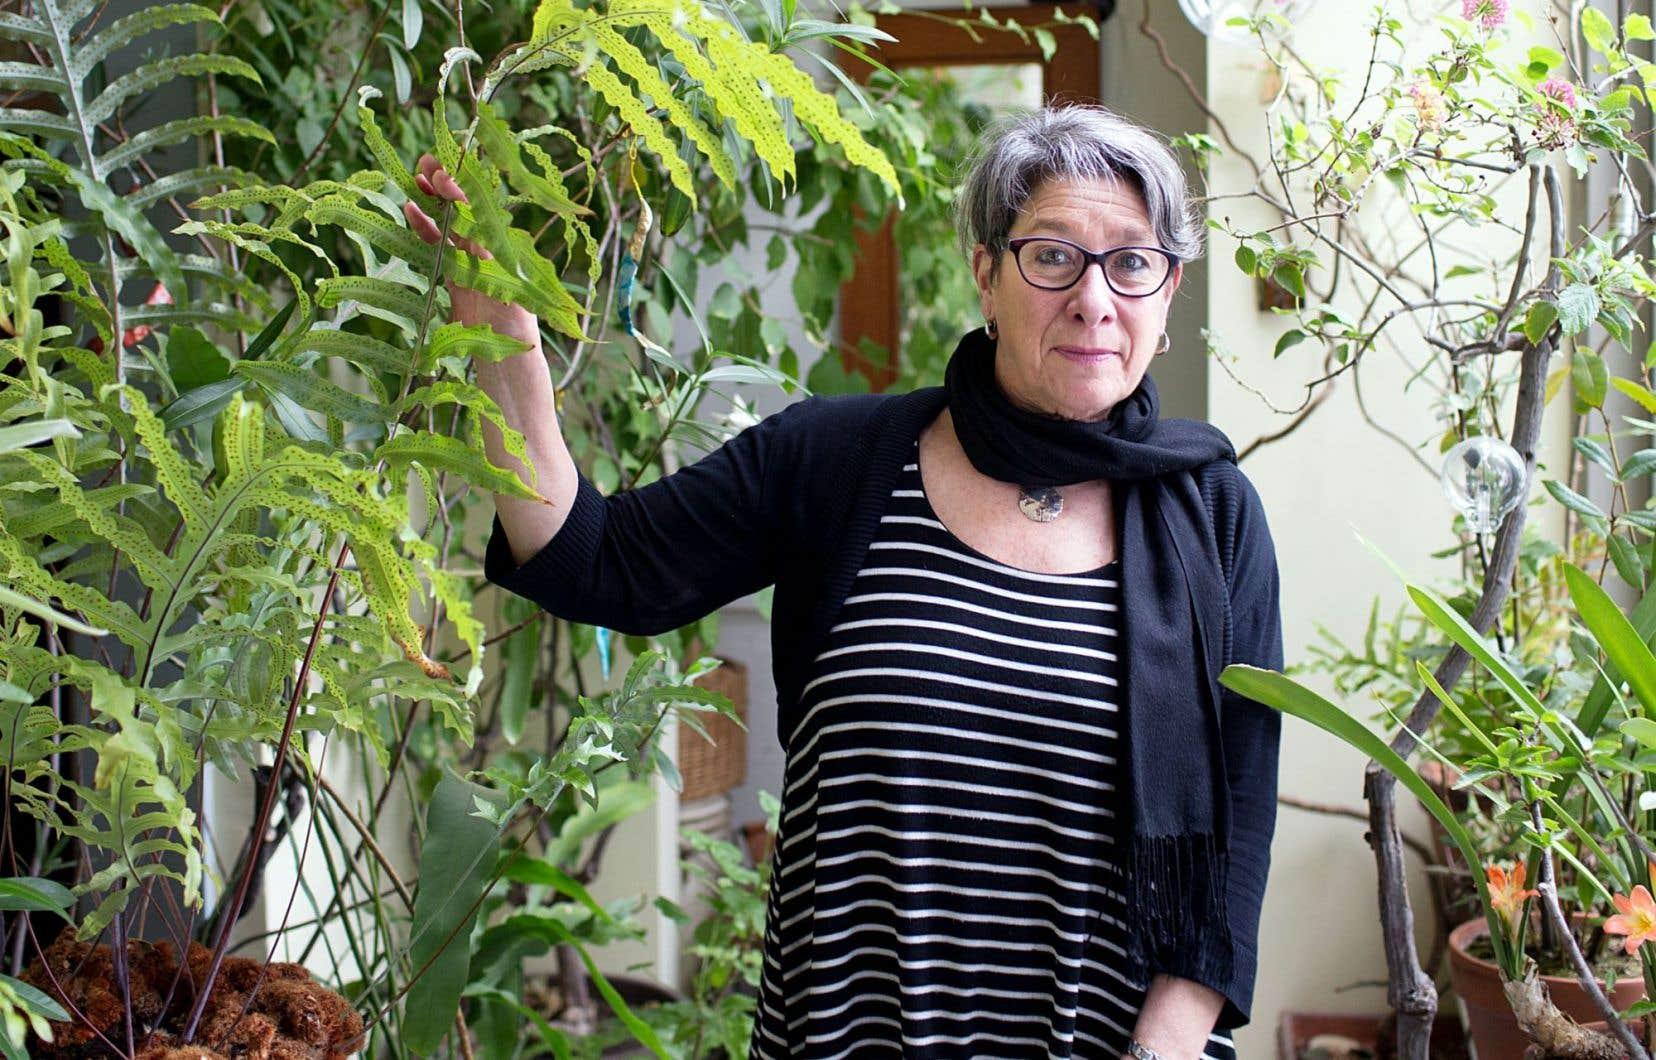 L'auteure Christiane Duchesne se distingue par son souci constant d'allumer l'imaginaire de ses lecteurs.